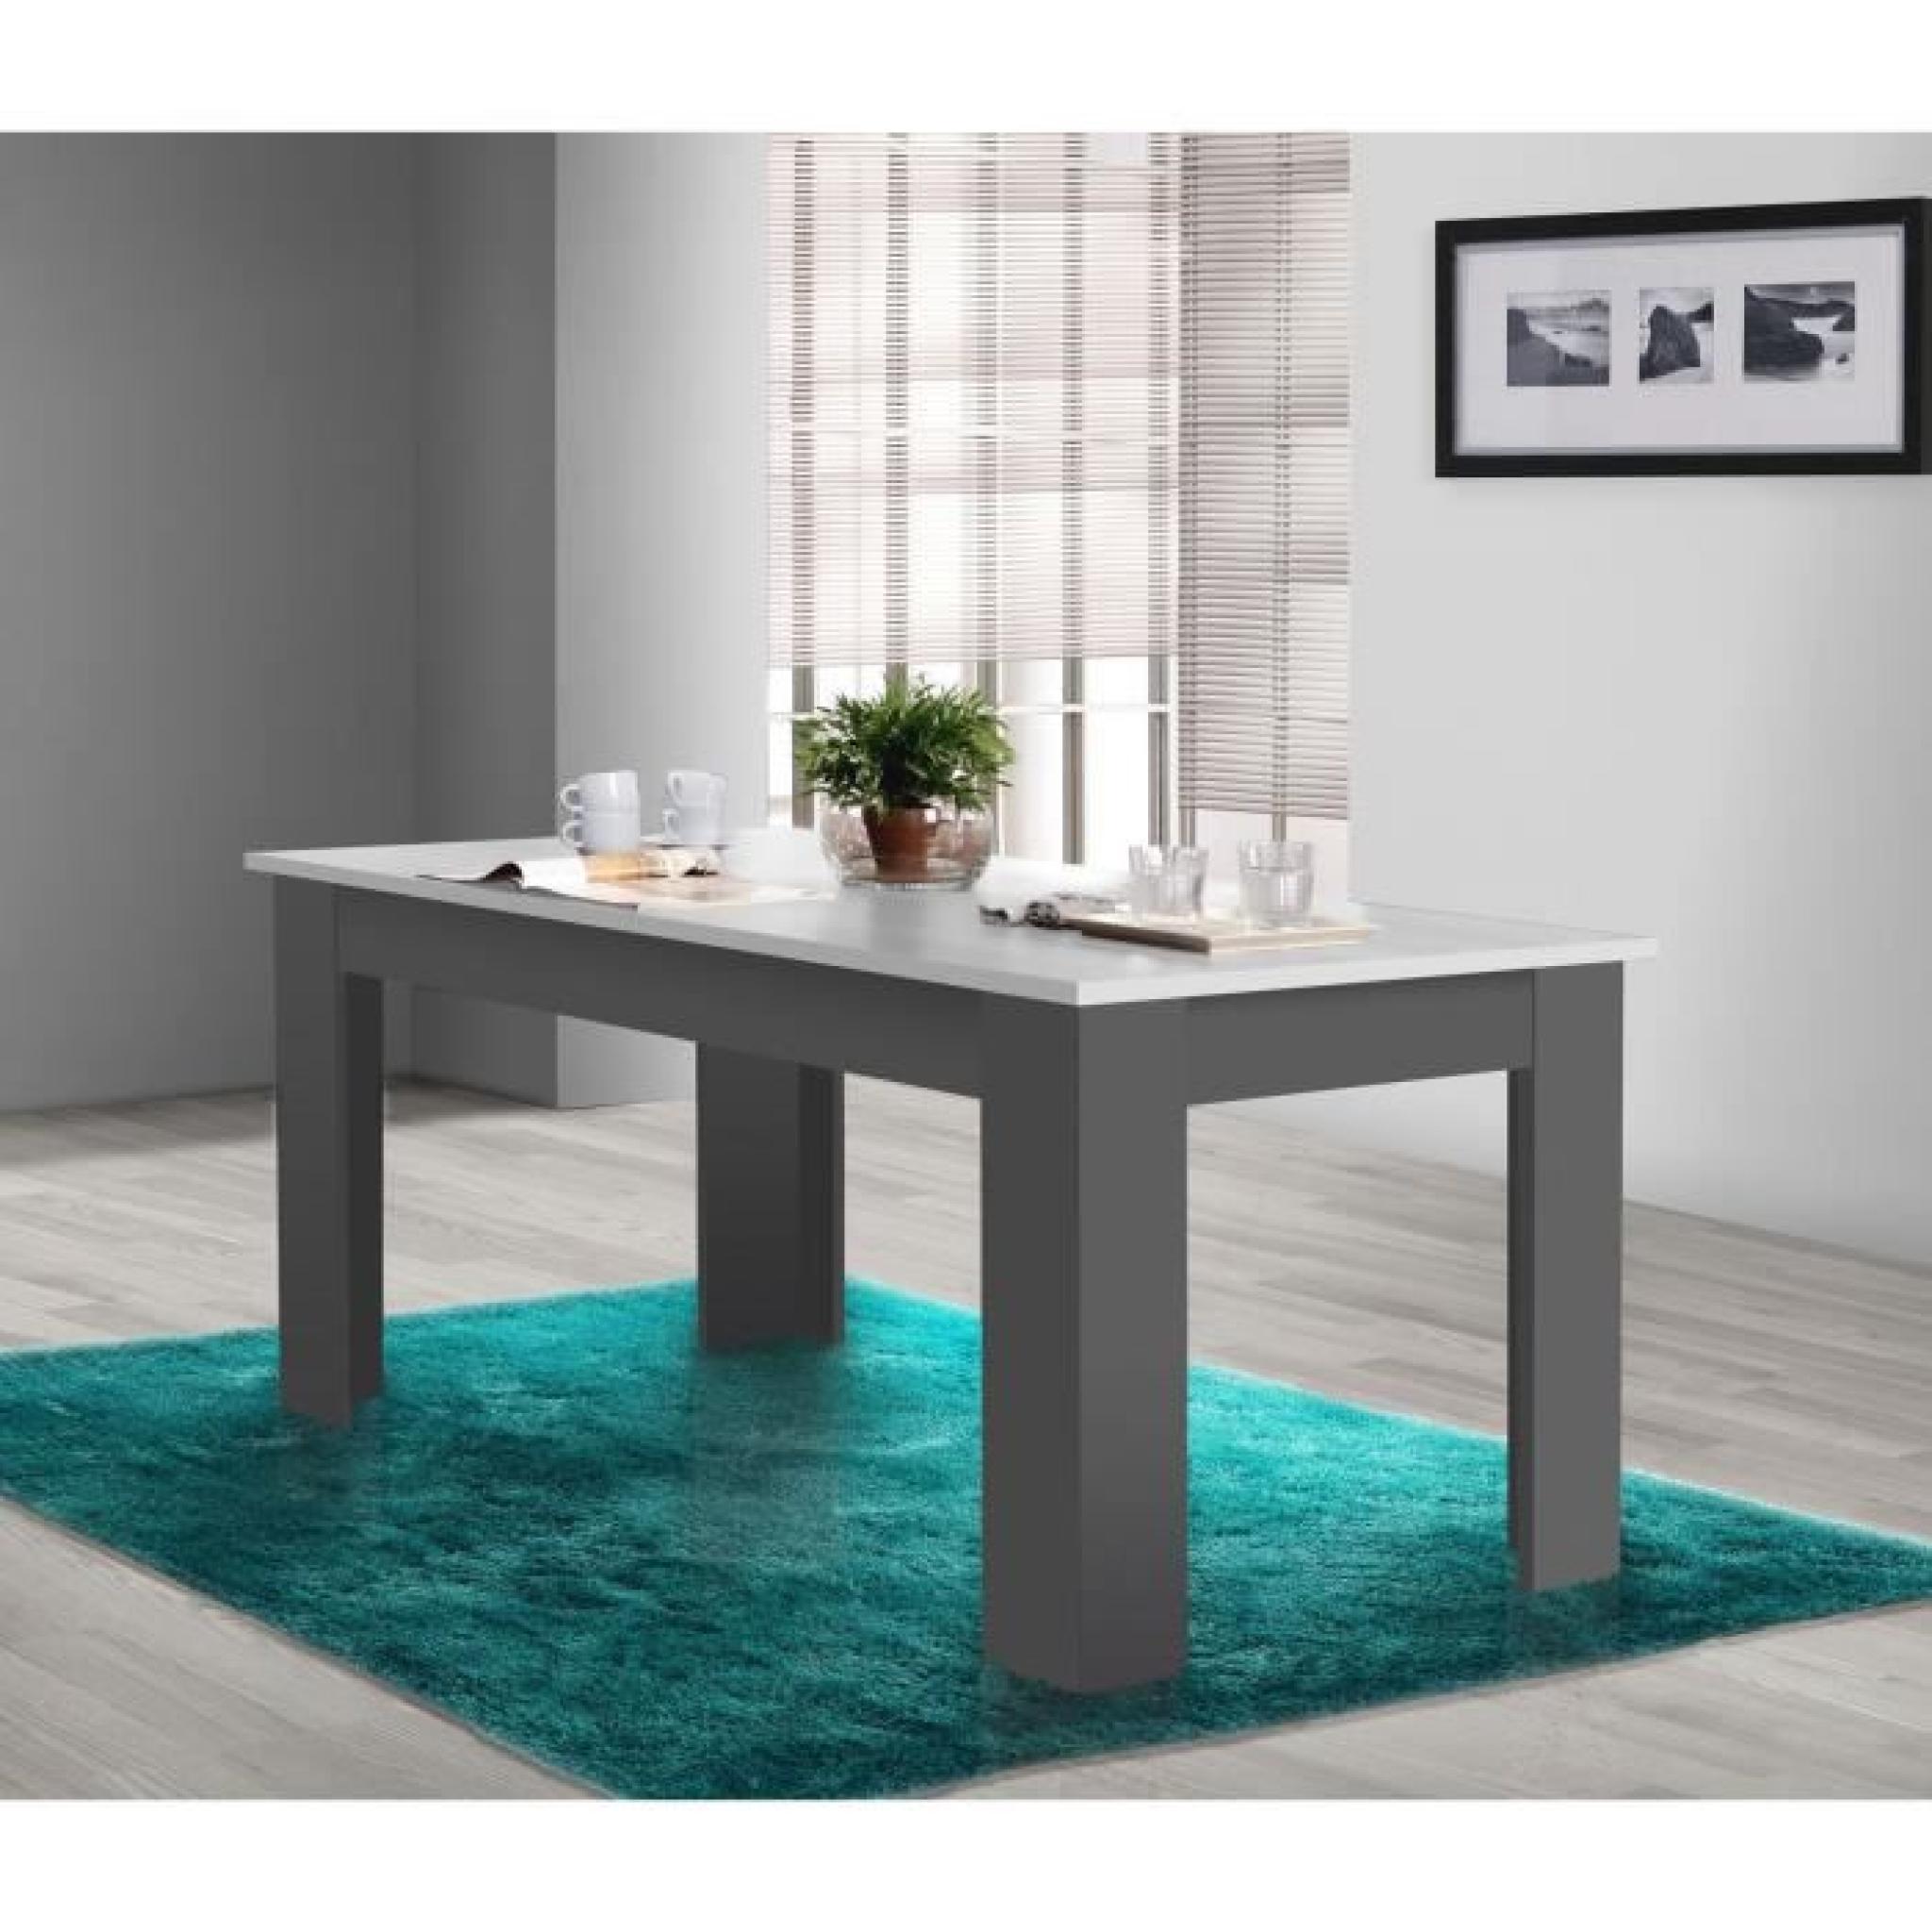 FINLANDEK Table à manger PILVI 160x90cm blanc et gris - Achat/Vente ...